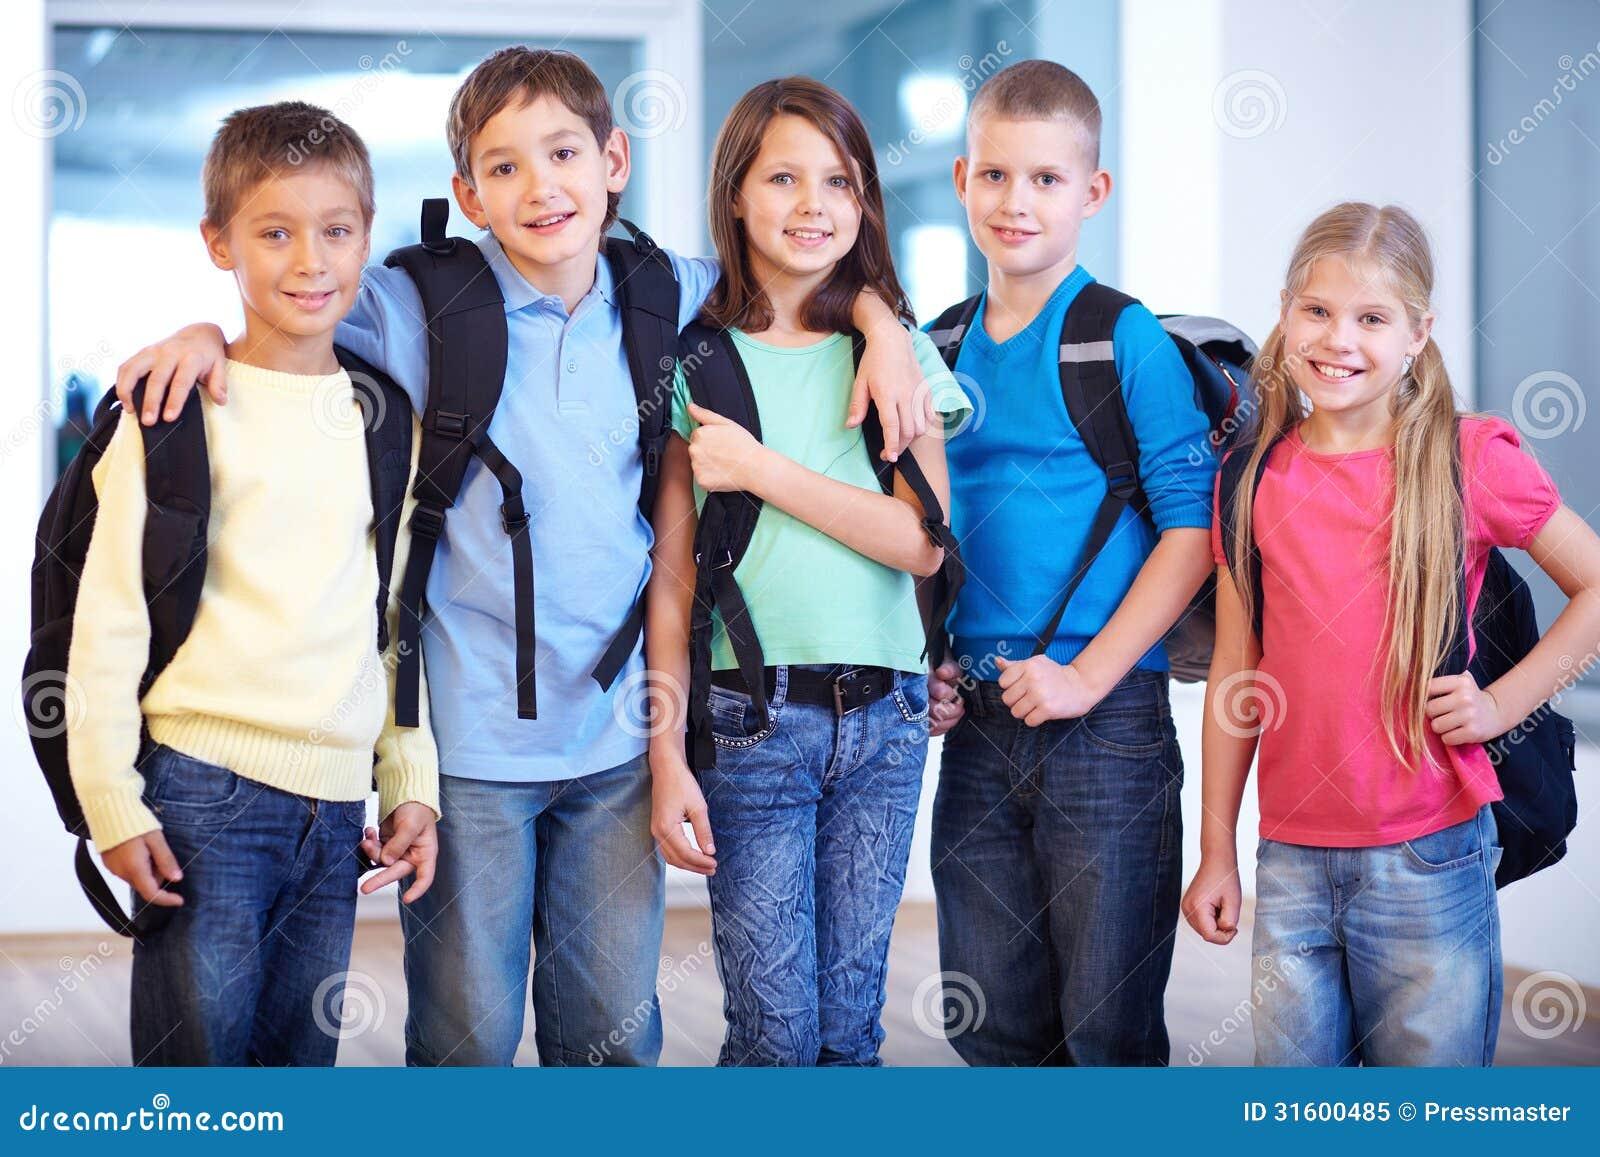 Фотот с одноклассников 10 фотография